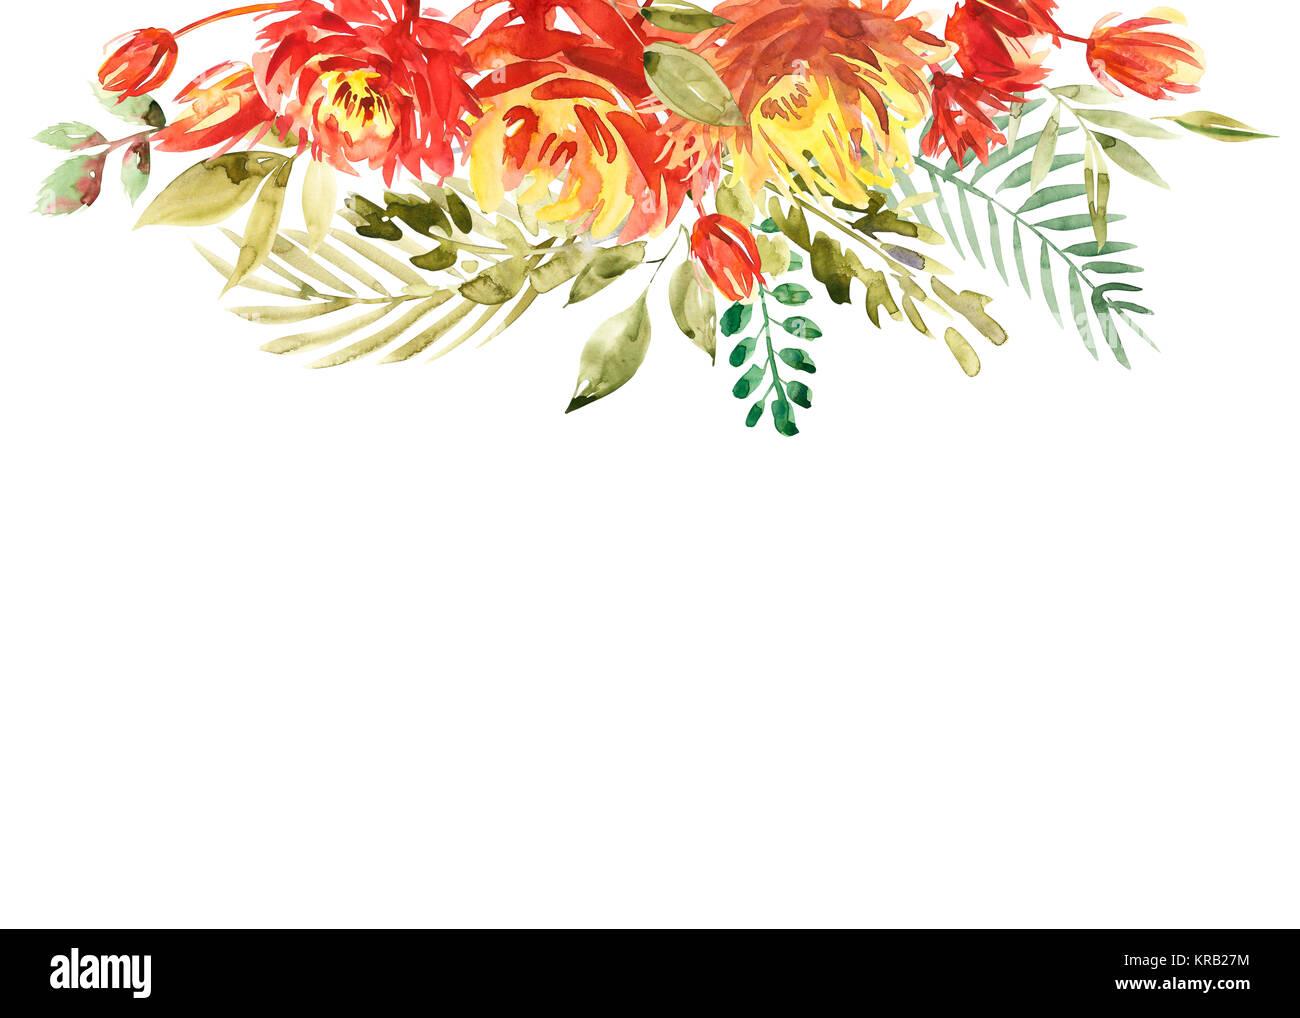 Coloratissimi fiori acquarello di confine. Dipinta sullo sfondo di fiori. Isolato su sfondo bianco Foto Stock